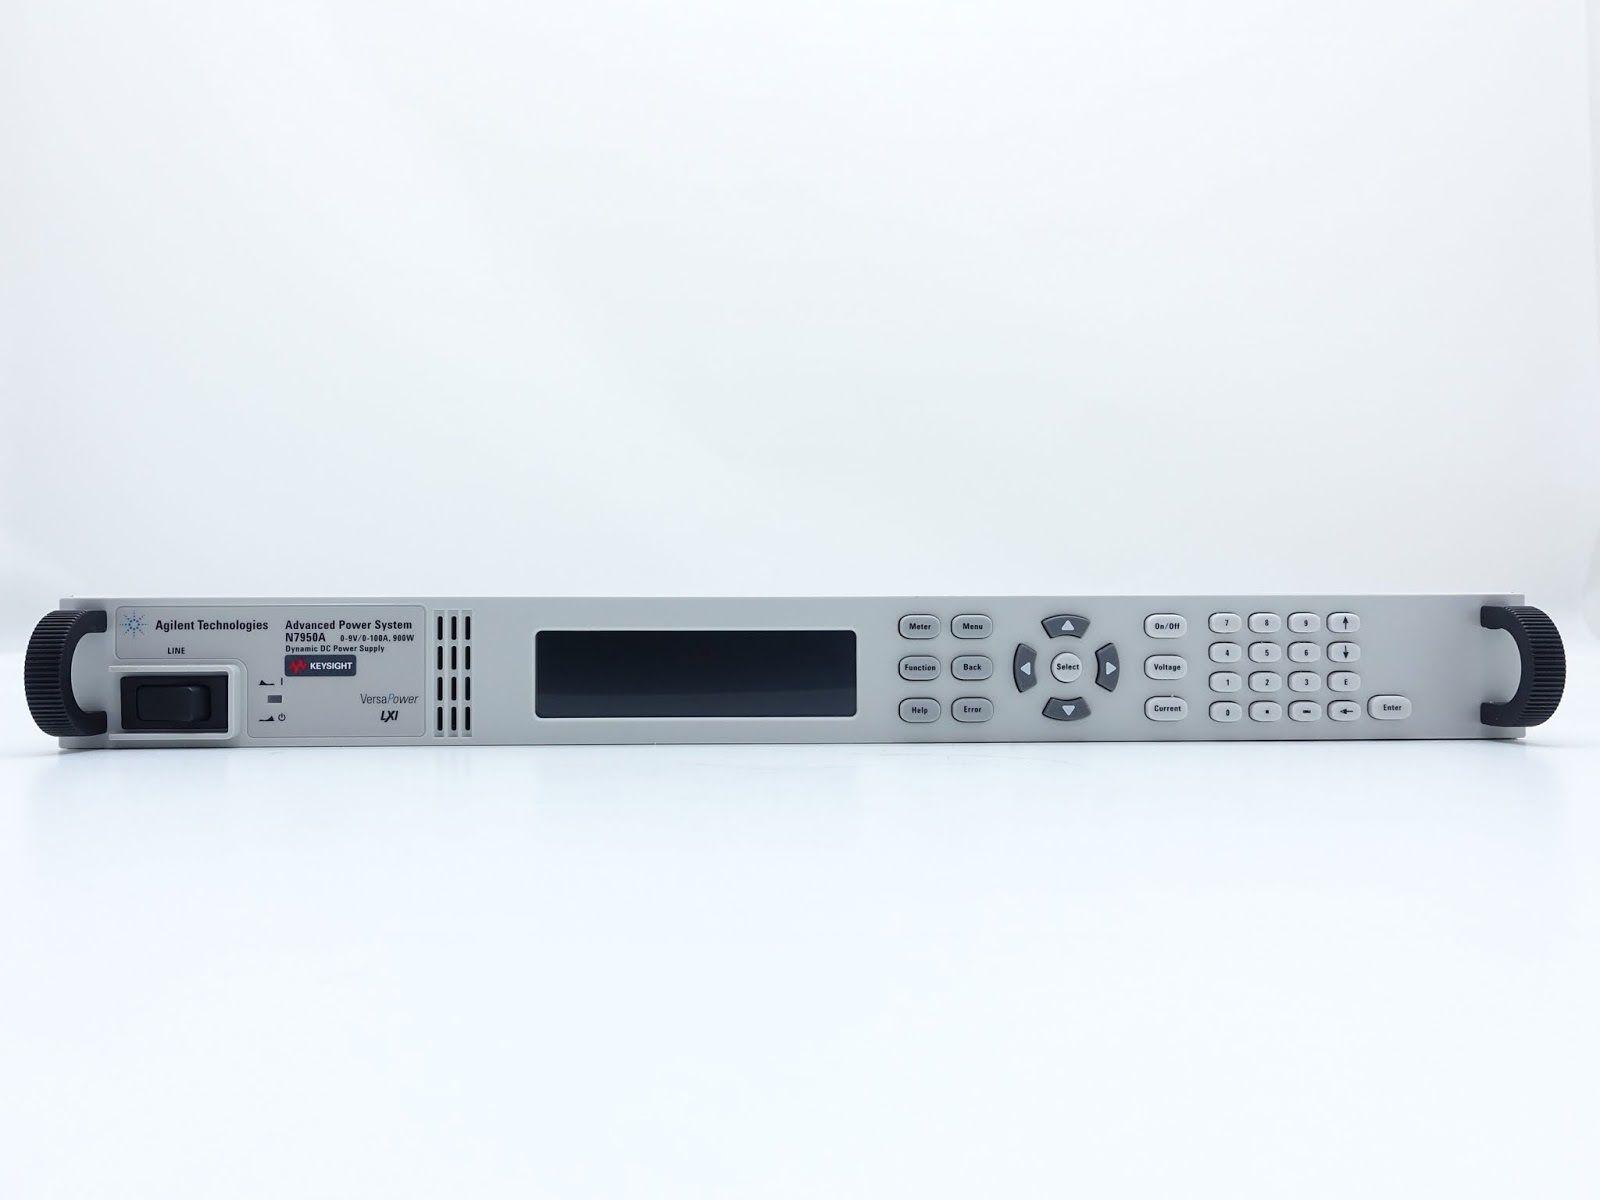 Keysight N7950A Advanced Power System - Dynamic Dc Power Supply